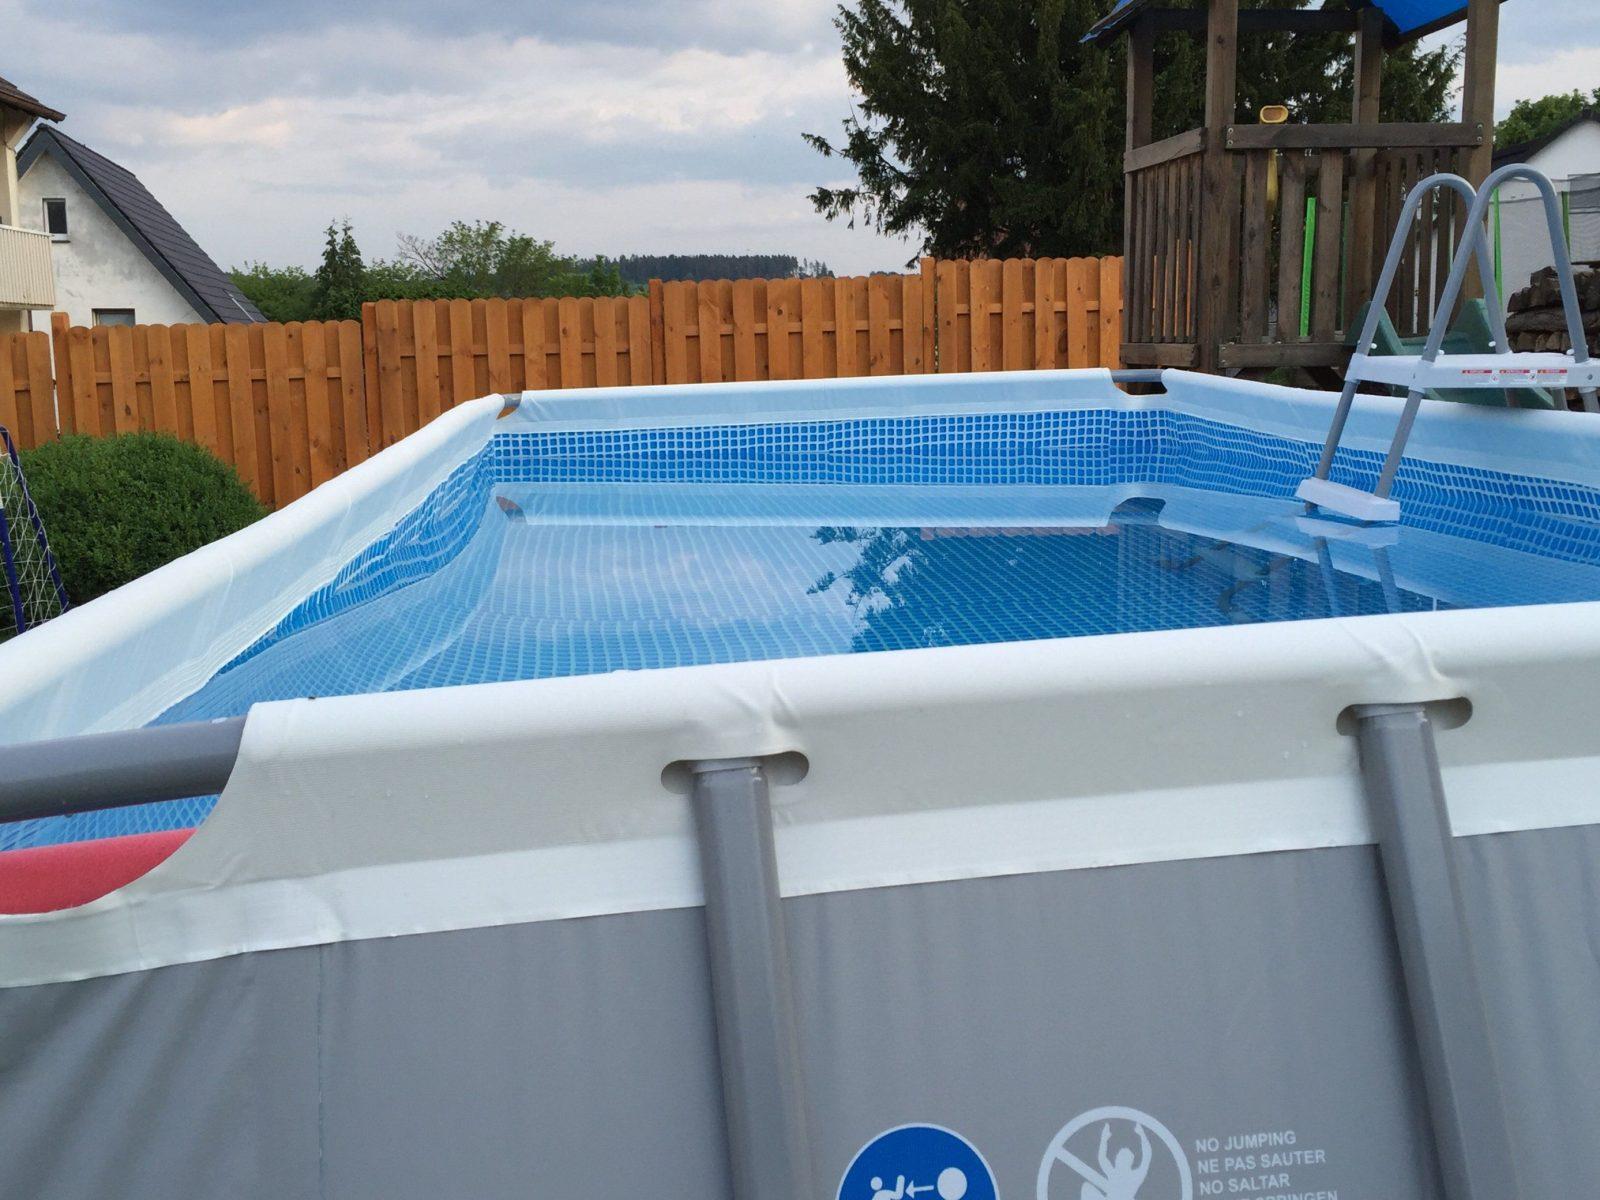 Schöne Pool Für Garten Frame Pool Aufstellen Schã Nsten von Pool Im Garten Aufstellen Photo